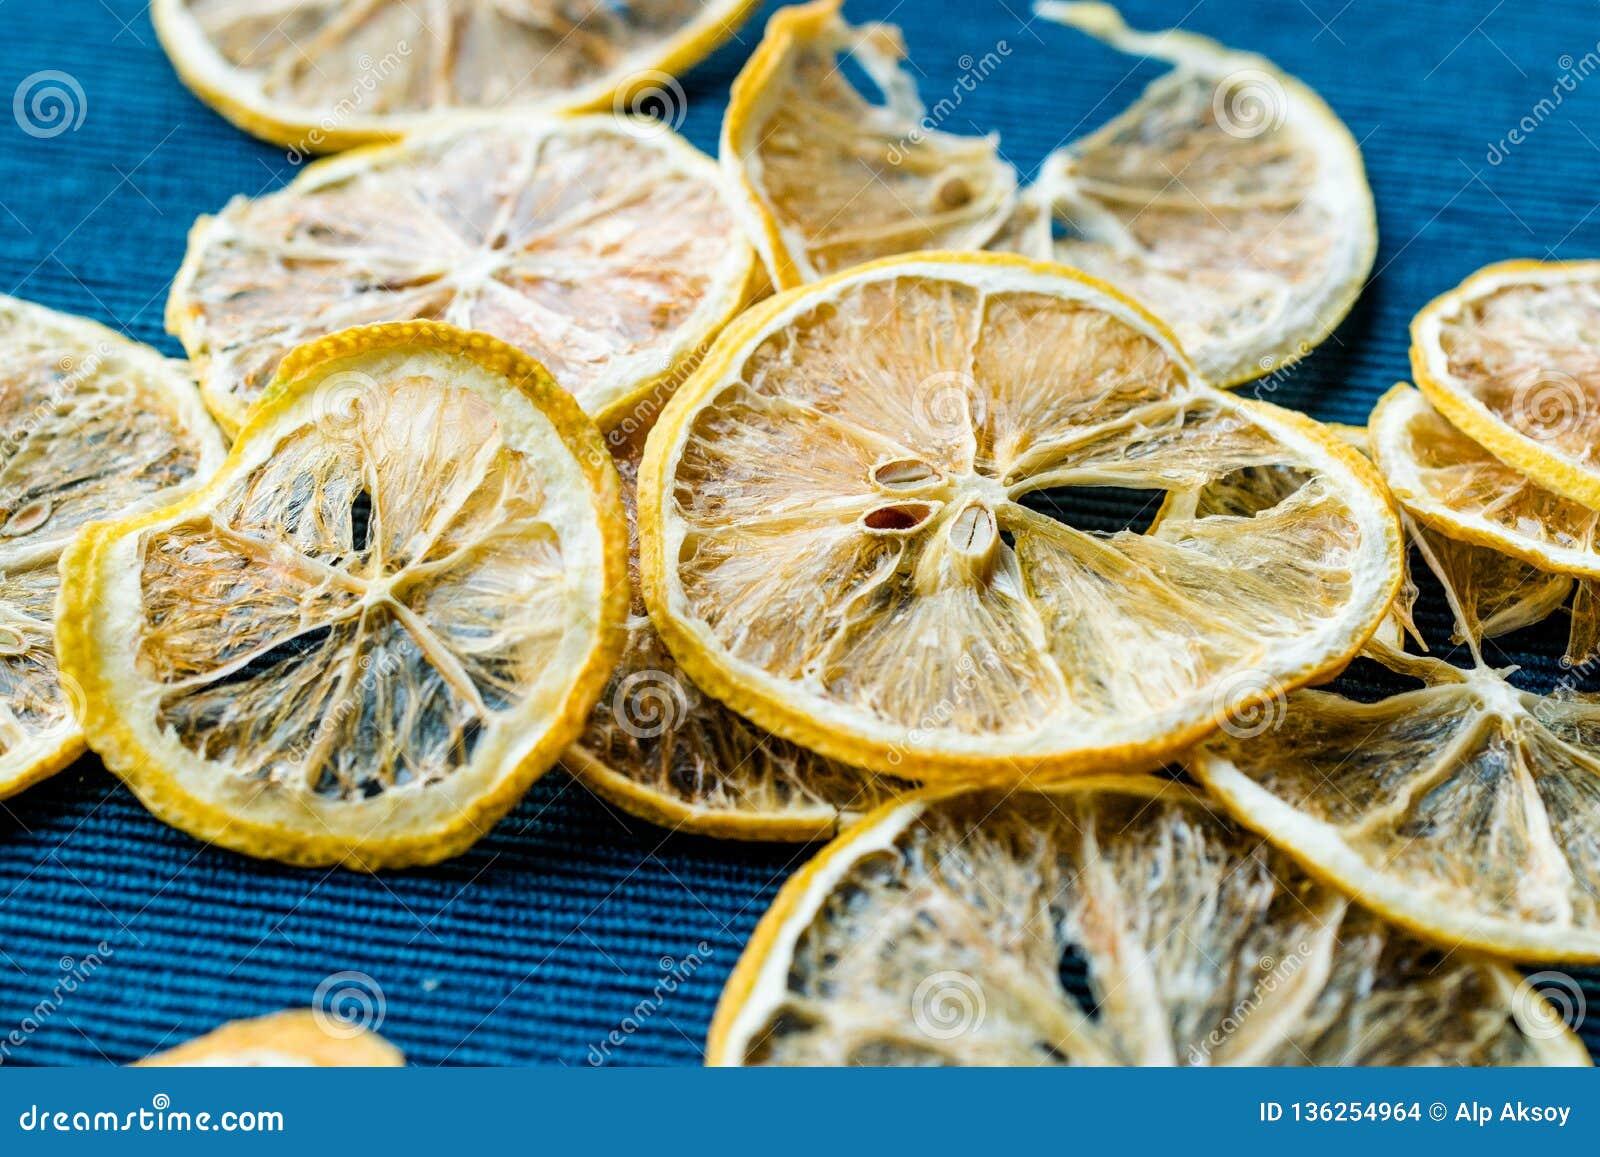 Stapel getrocknete Zitronen-Scheiben auf blauer Oberfläche/trockenes und geschnitten